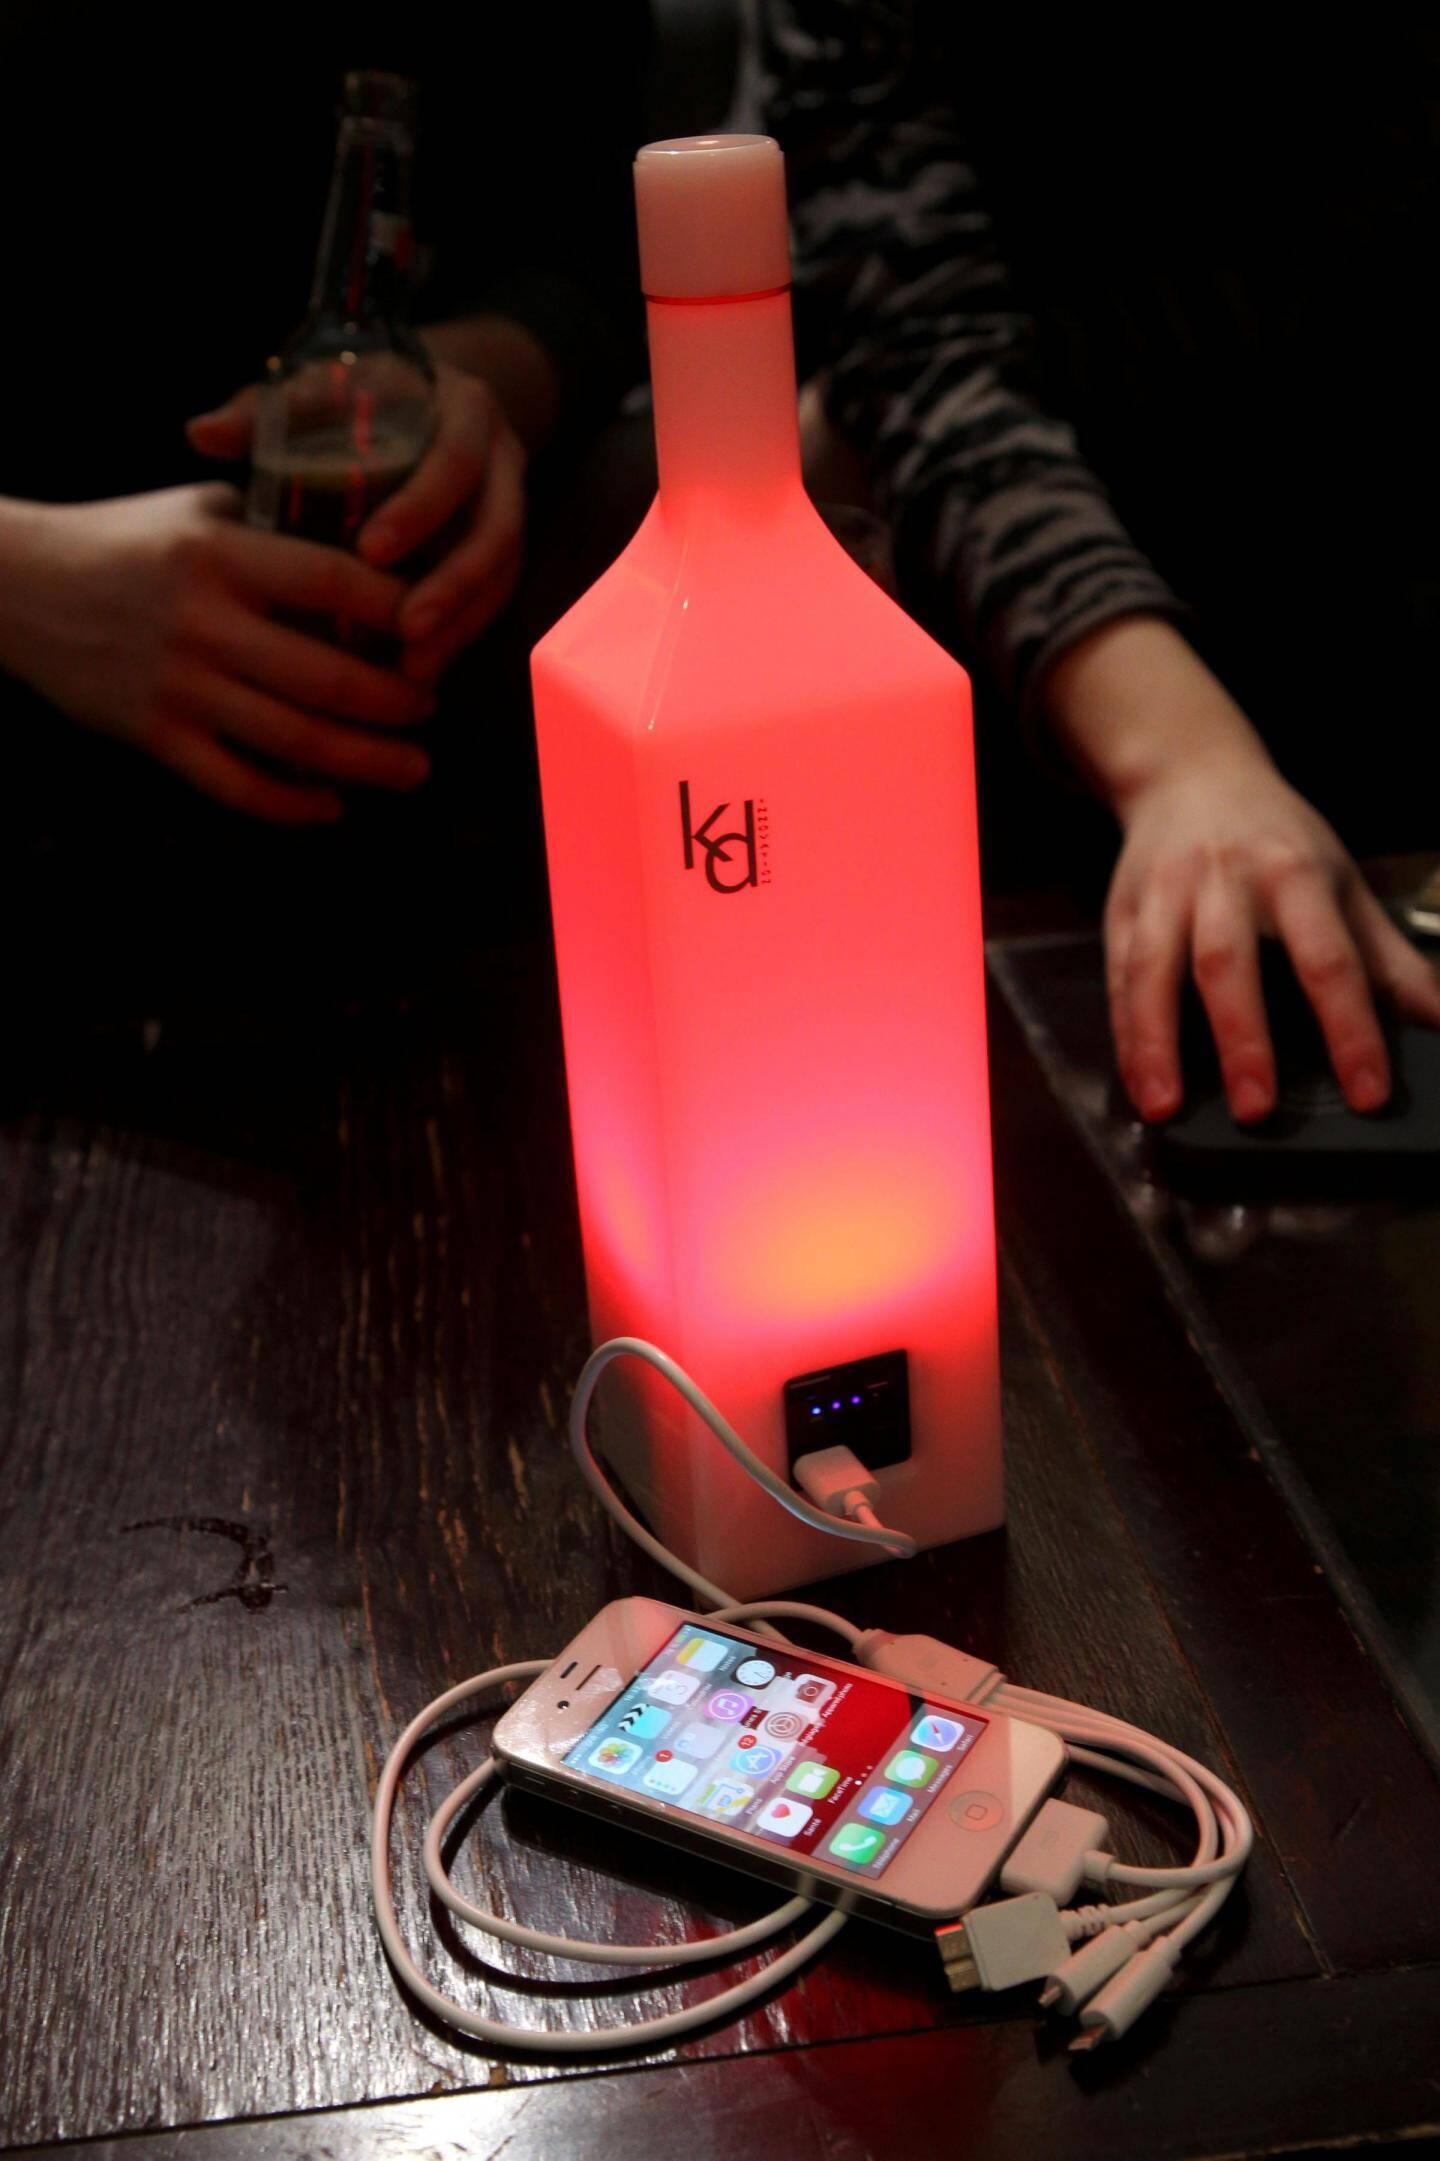 Au bar, en discothèque ou au restaurant, la Flash bottle recharge vos portables et périphériques. Pratique... et qui plus est design !